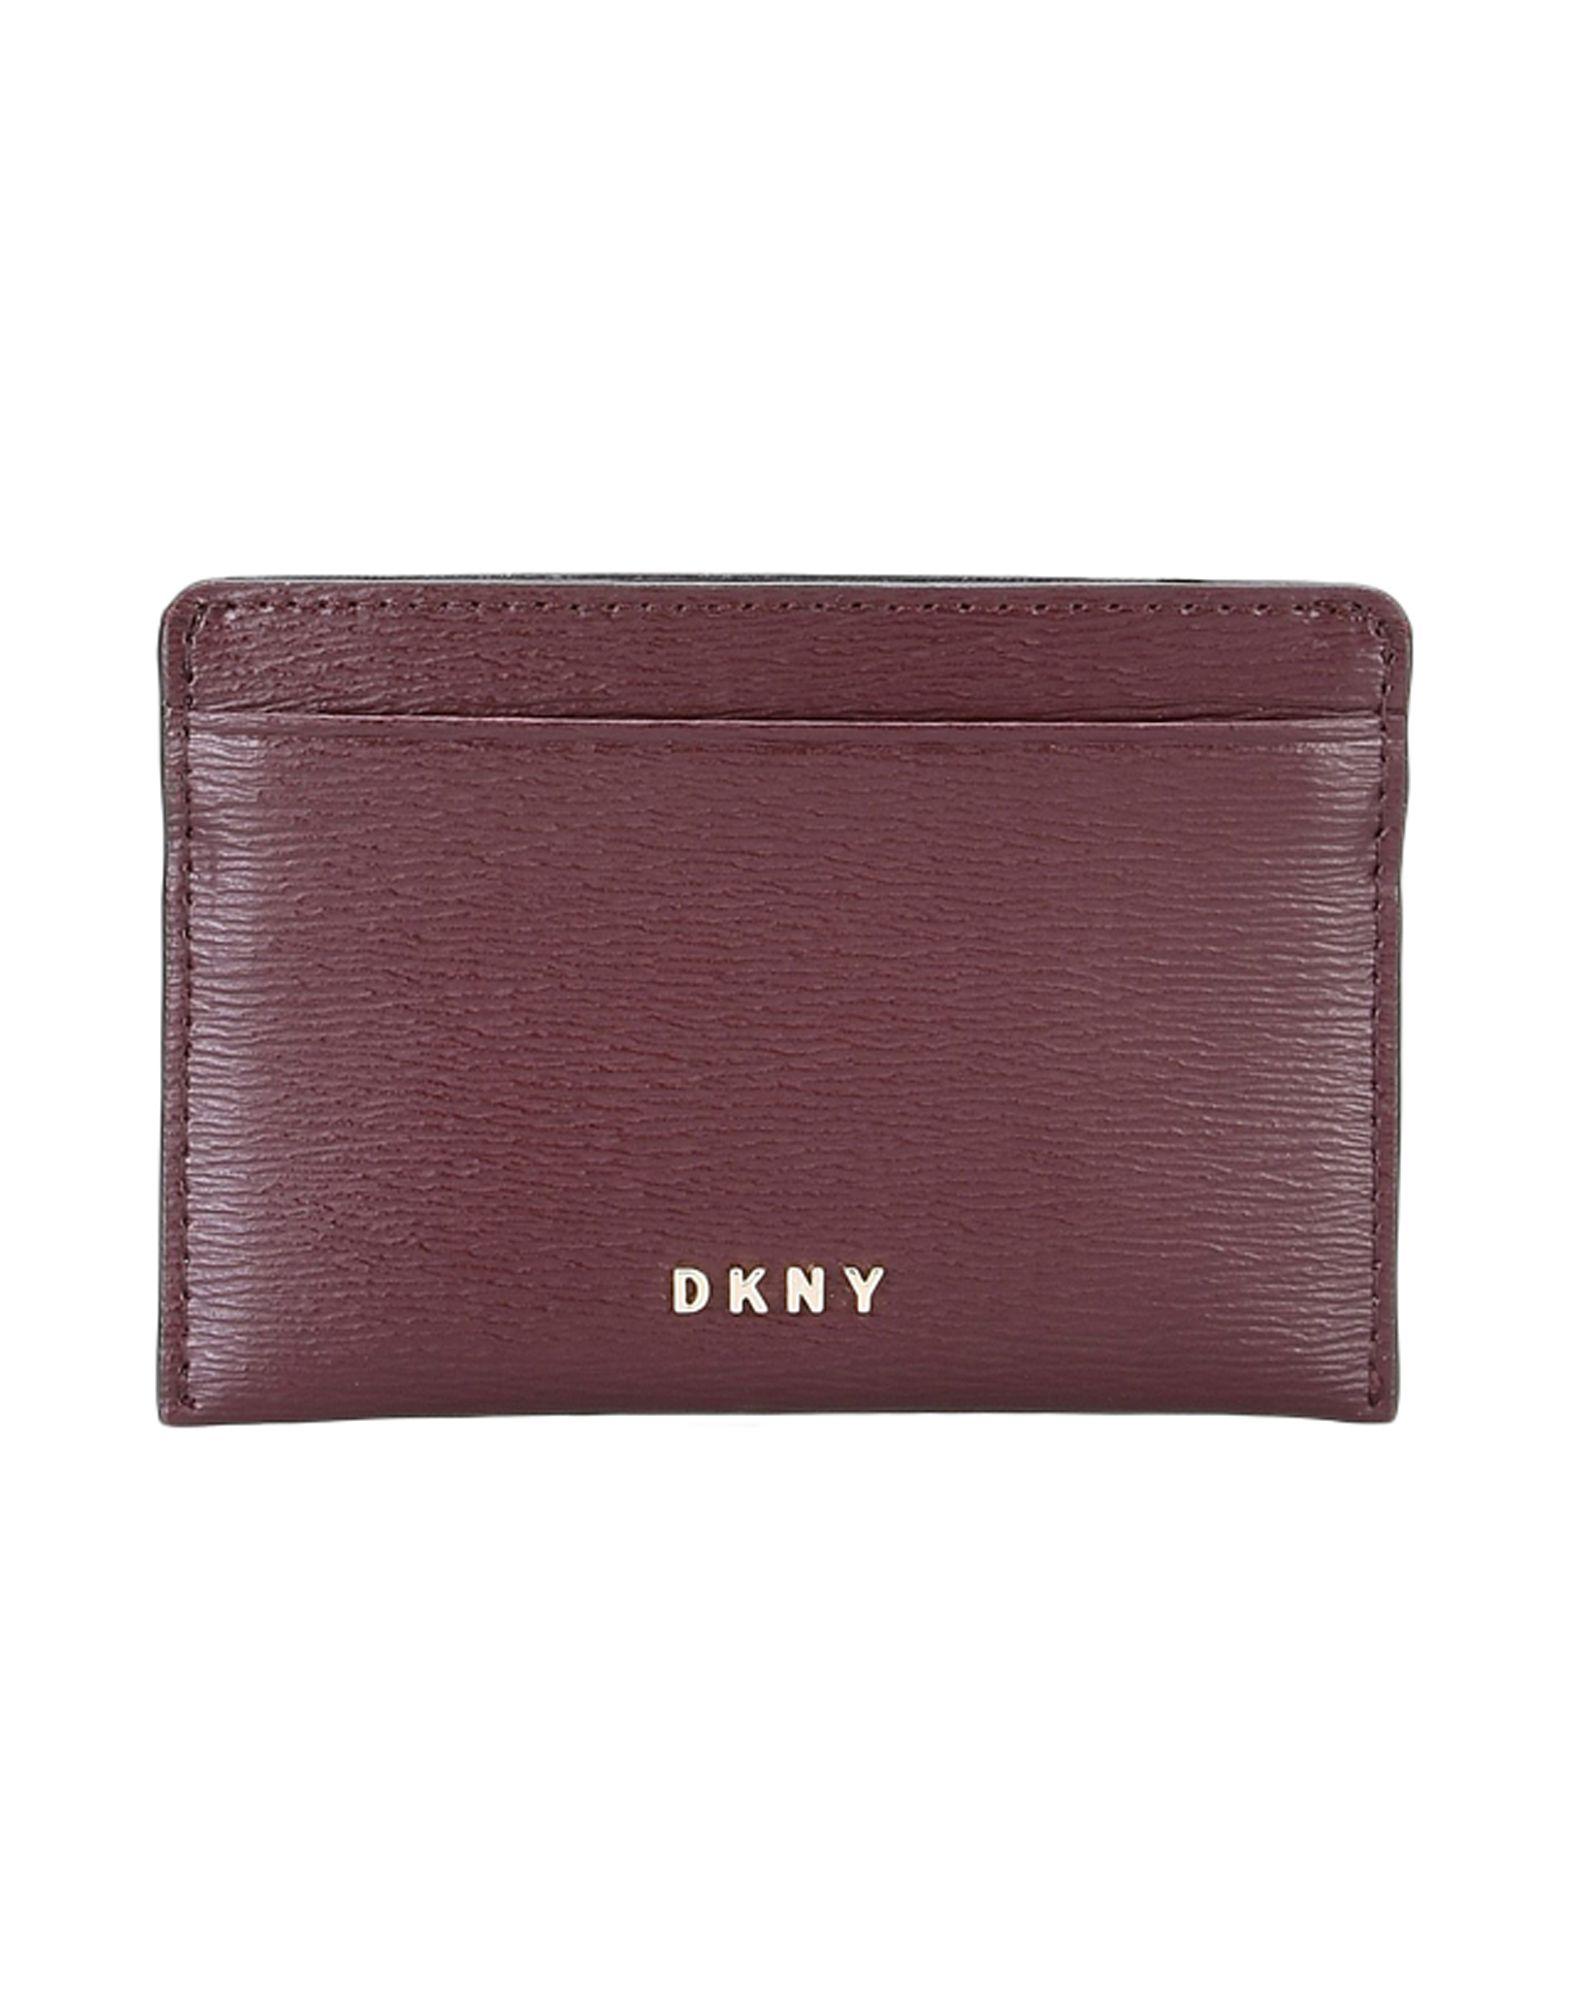 《送料無料》DKNY レディース ドキュメントホルダー ココア 牛革 CARD HOLDER